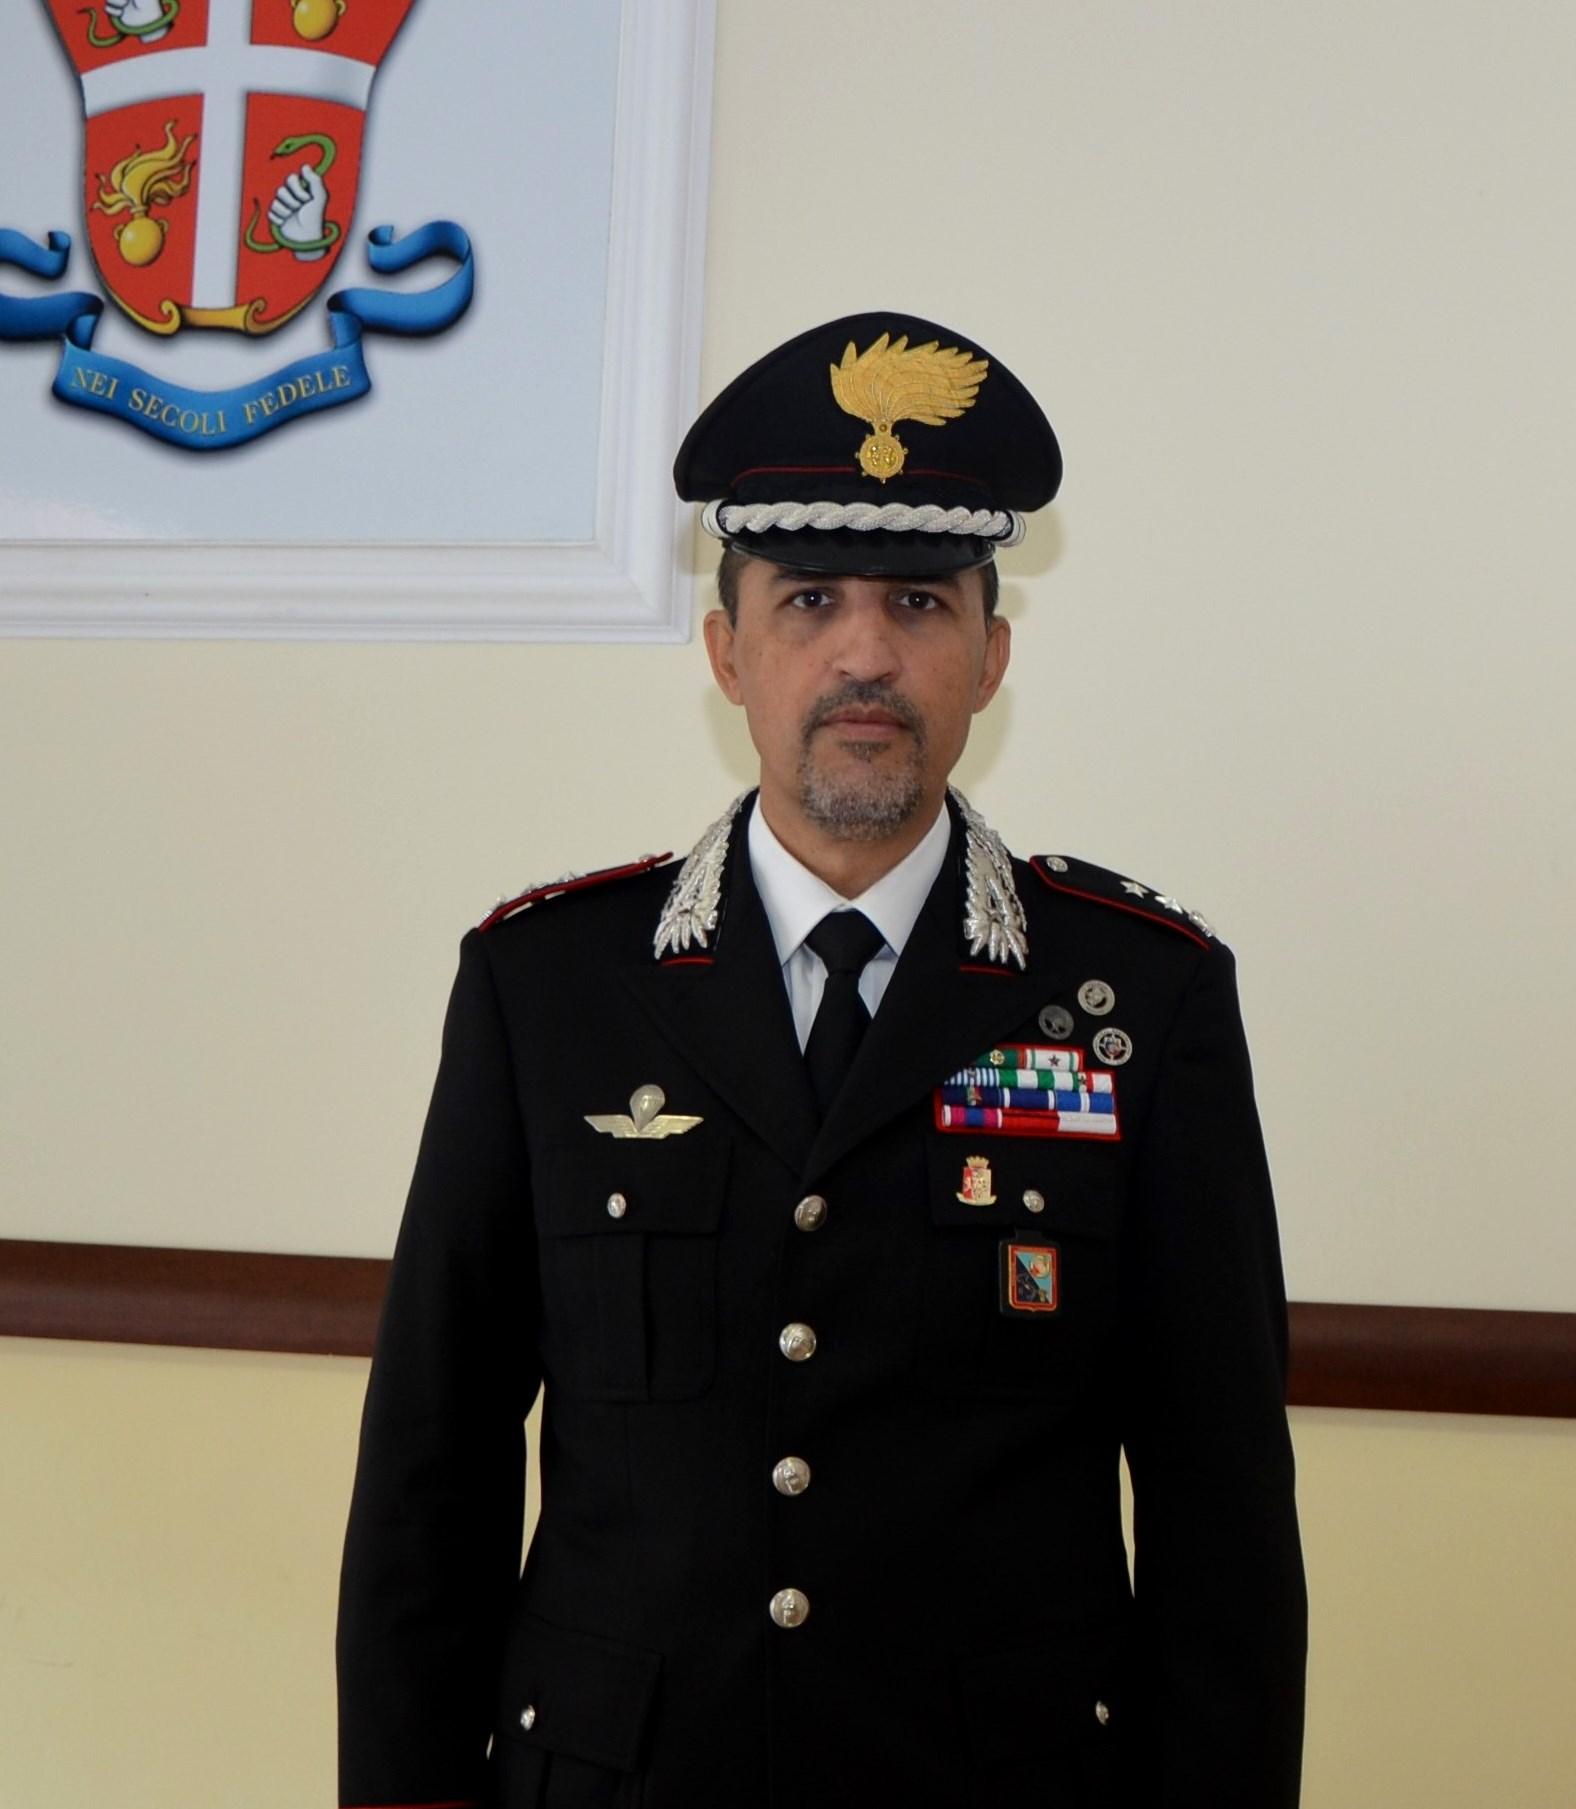 Carabinieri, cambio ai vertici: il tenente colonnello Giorgio Broccone arriva al gruppo di Ostia